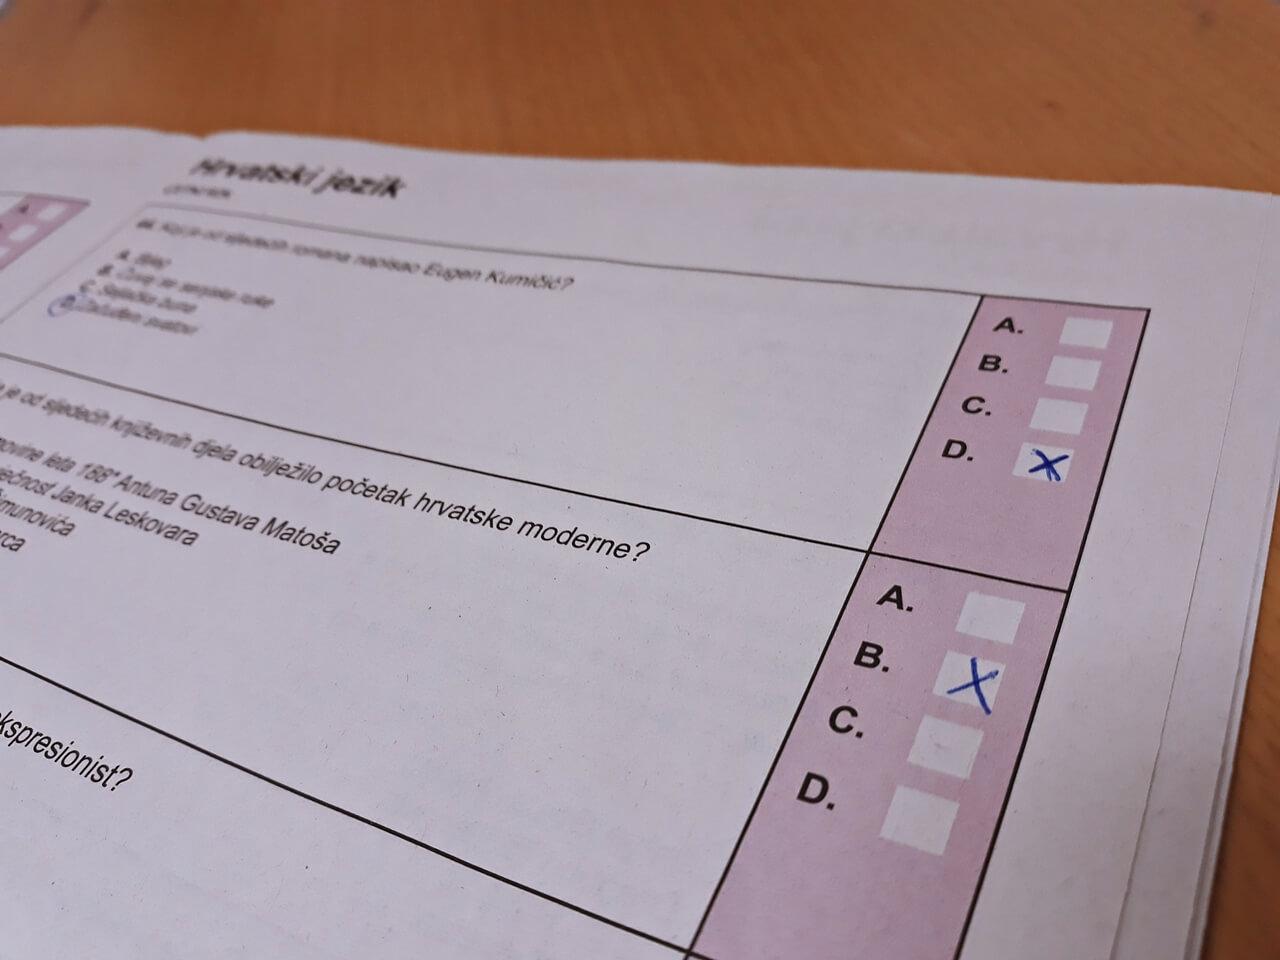 [Zadatak dana] Sutra se na maturi piše Hrvatski: Jeste li spremni, provjerite u zadatku s ljetnog roka